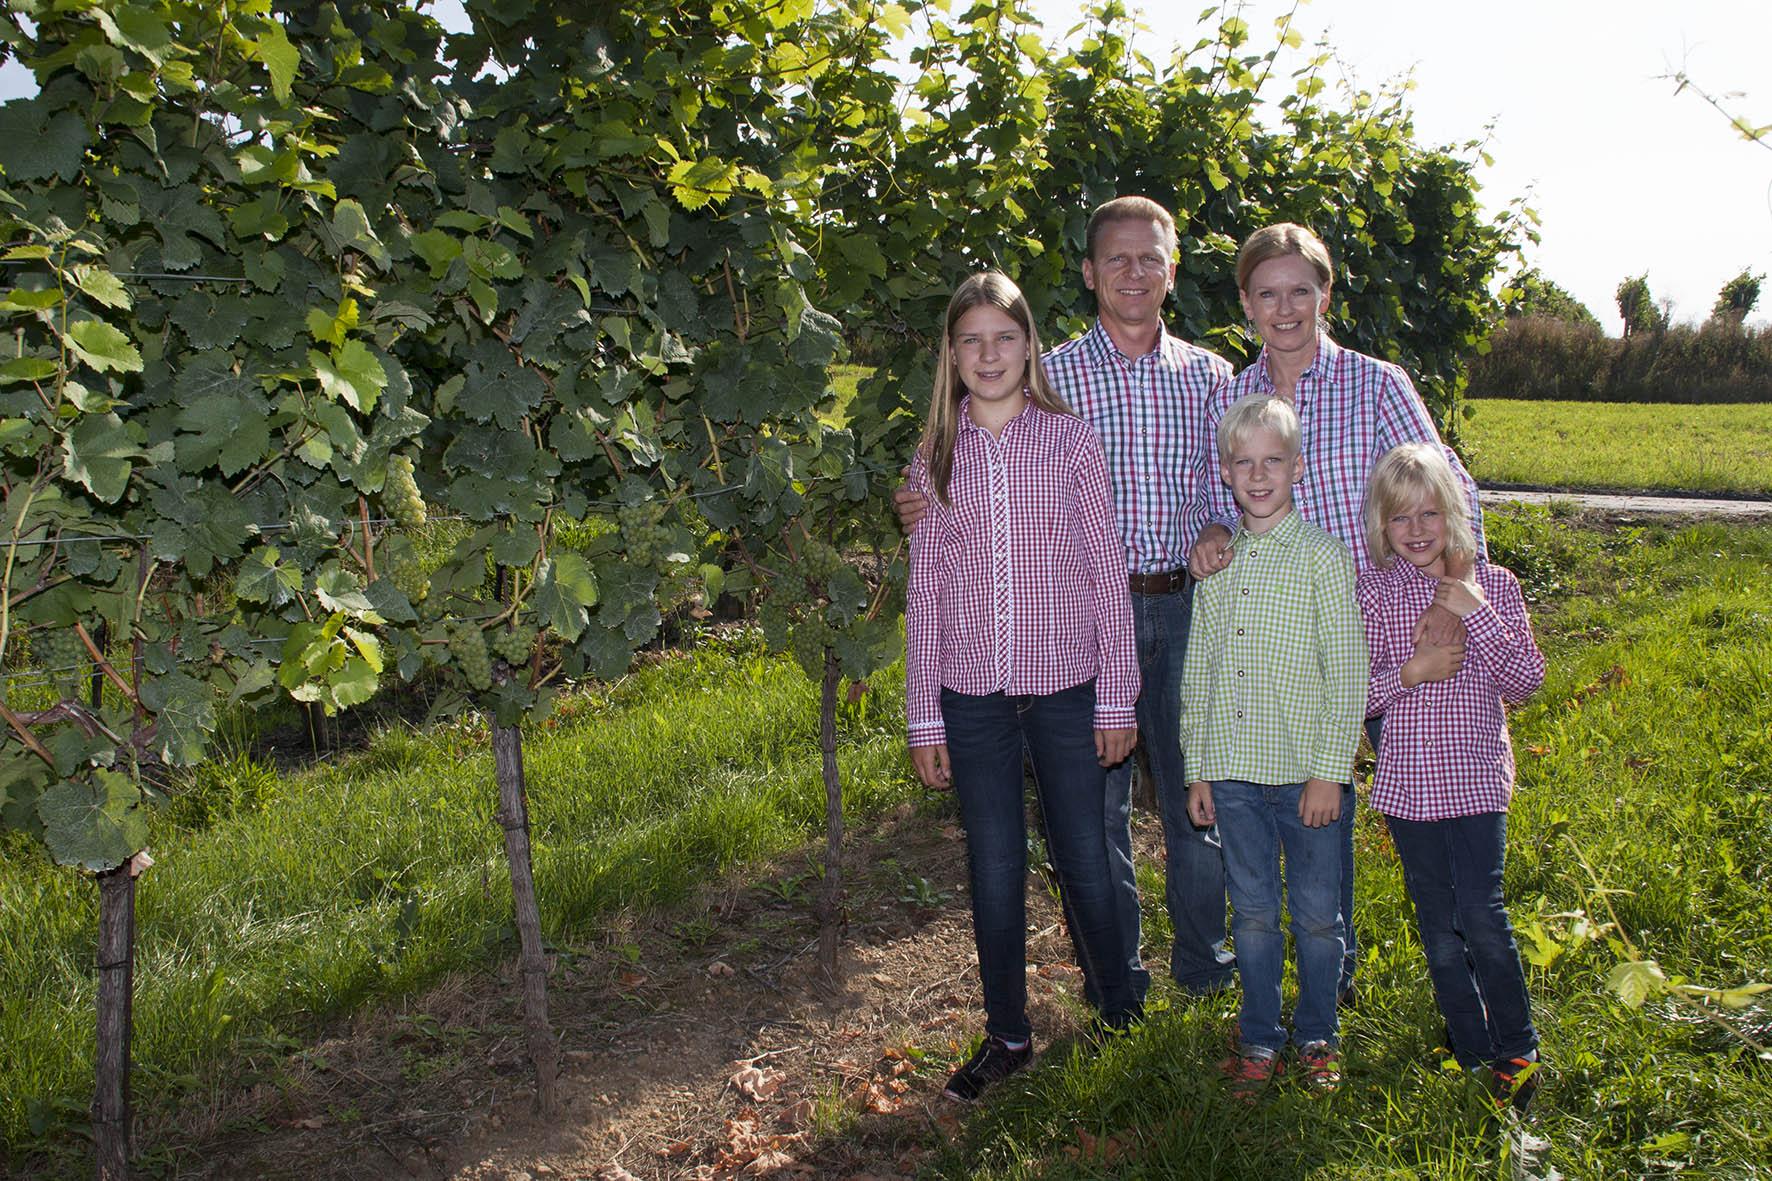 Familie Weiß im Weingarten